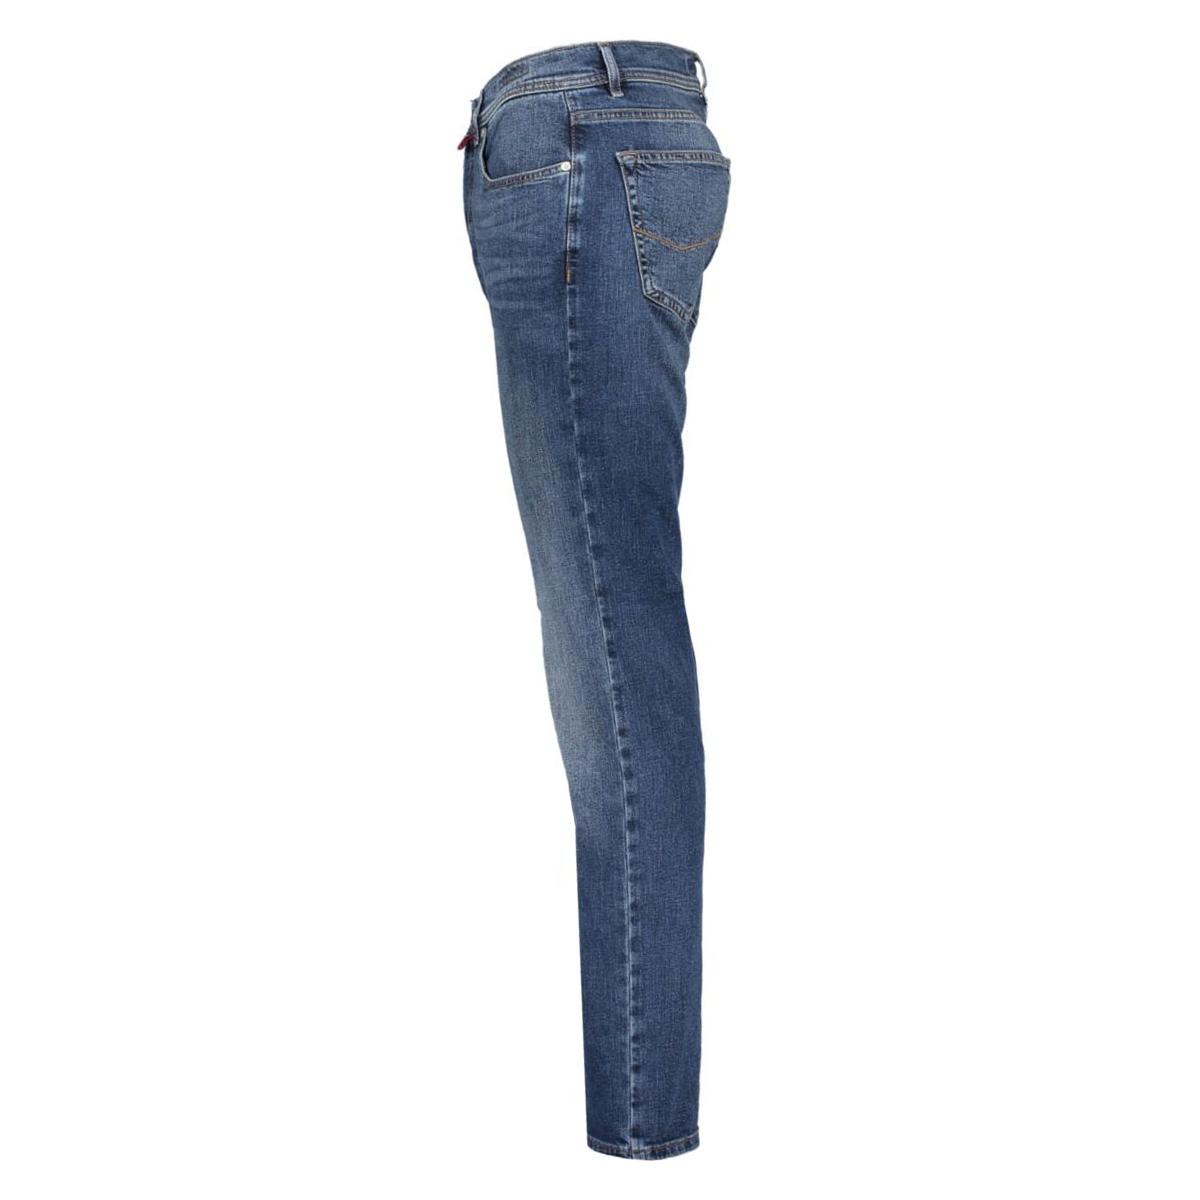 lyon 3091 pierre cardin jeans 7192.37